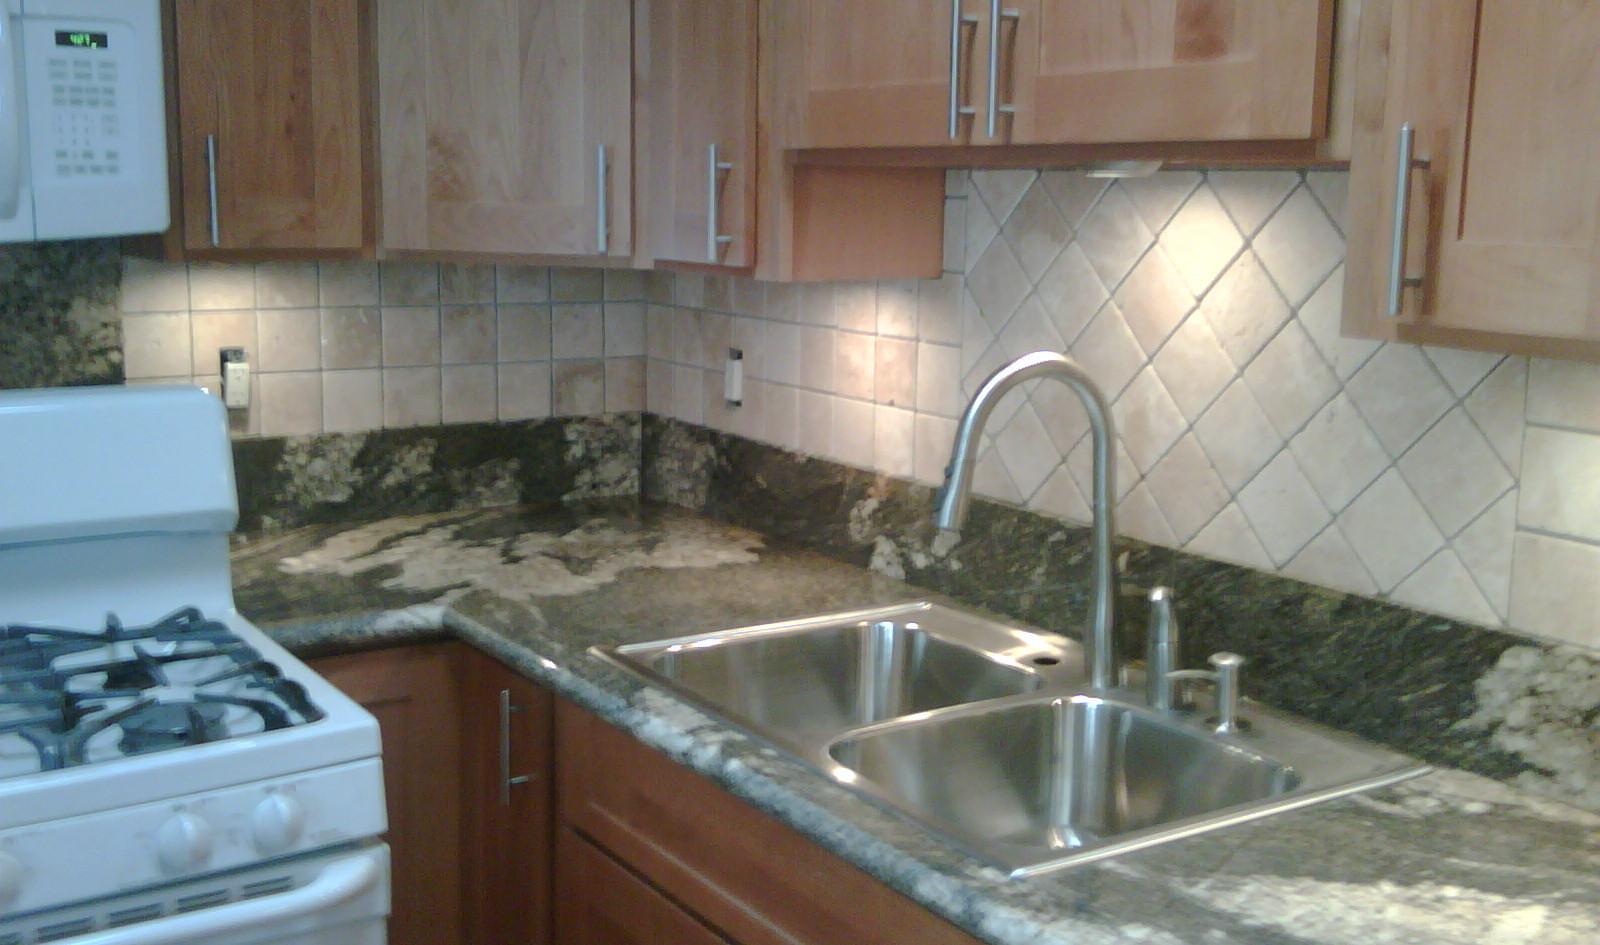 ahlo kitchen 2.jpg